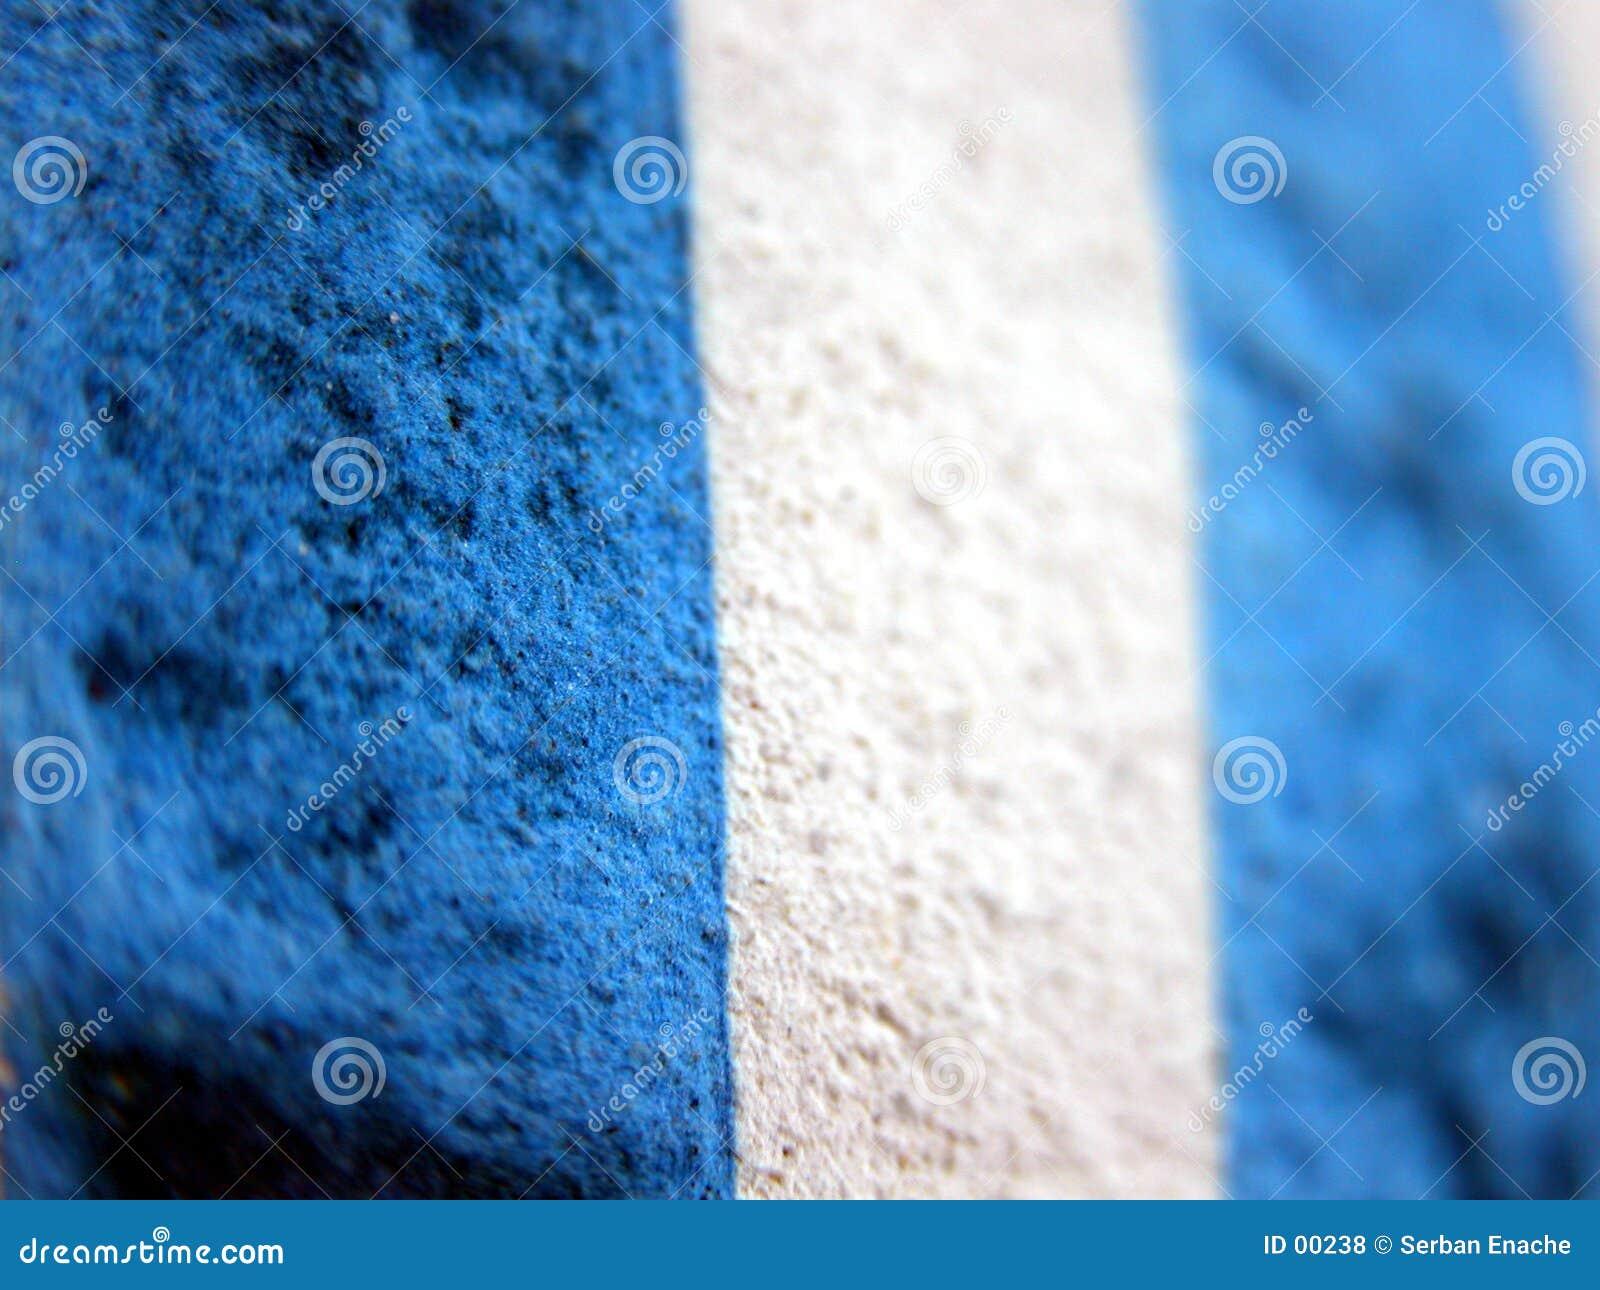 Blue stripes texture